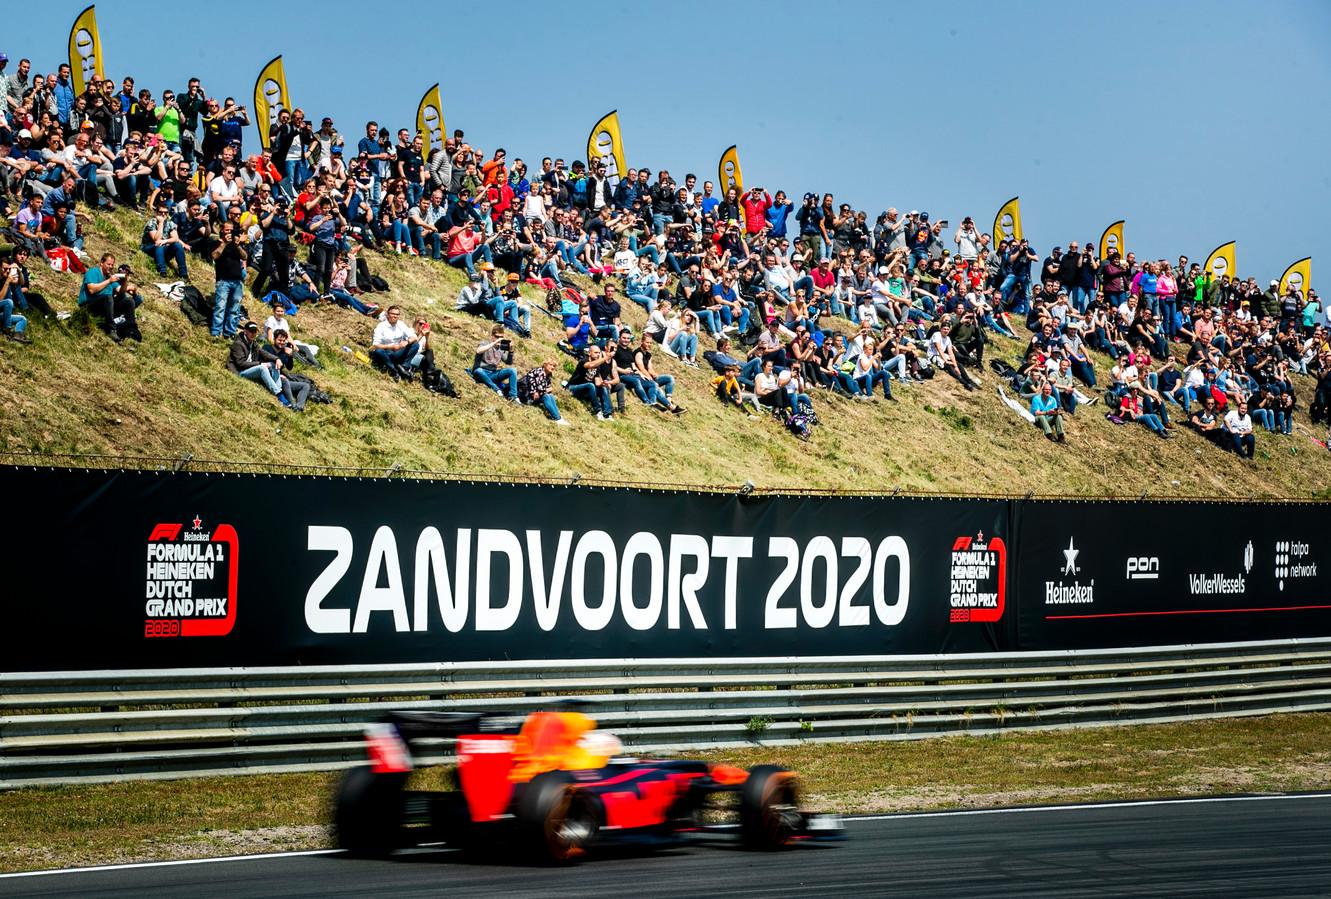 De Grand Prix van Nederland wordt gehouden op 3 mei 2020.